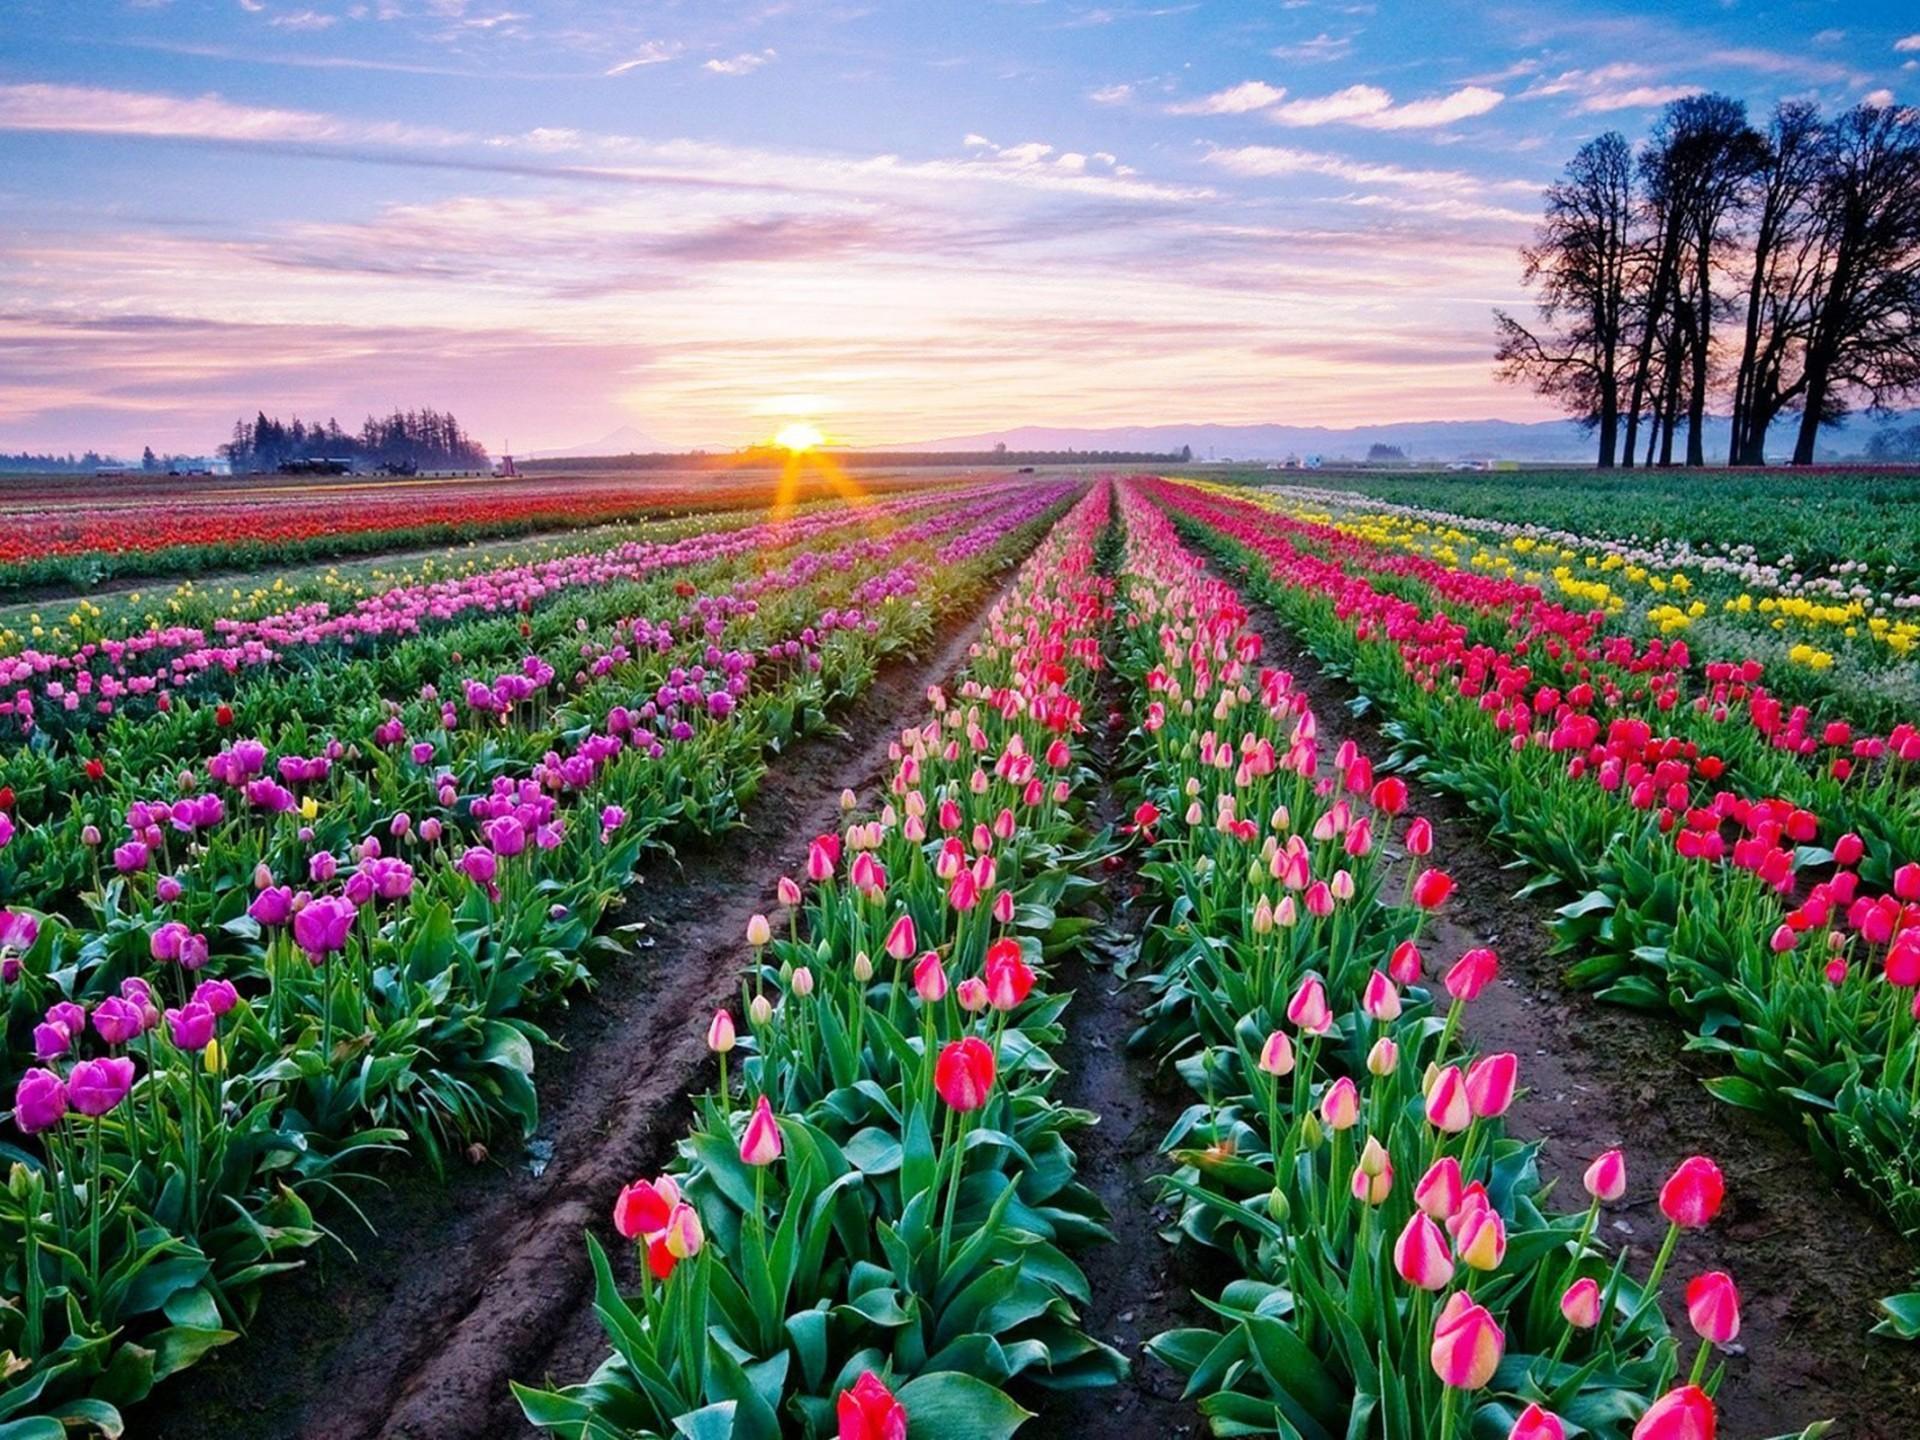 Beautiful Tulips Desktop Background 854 : Wallpapers13.com